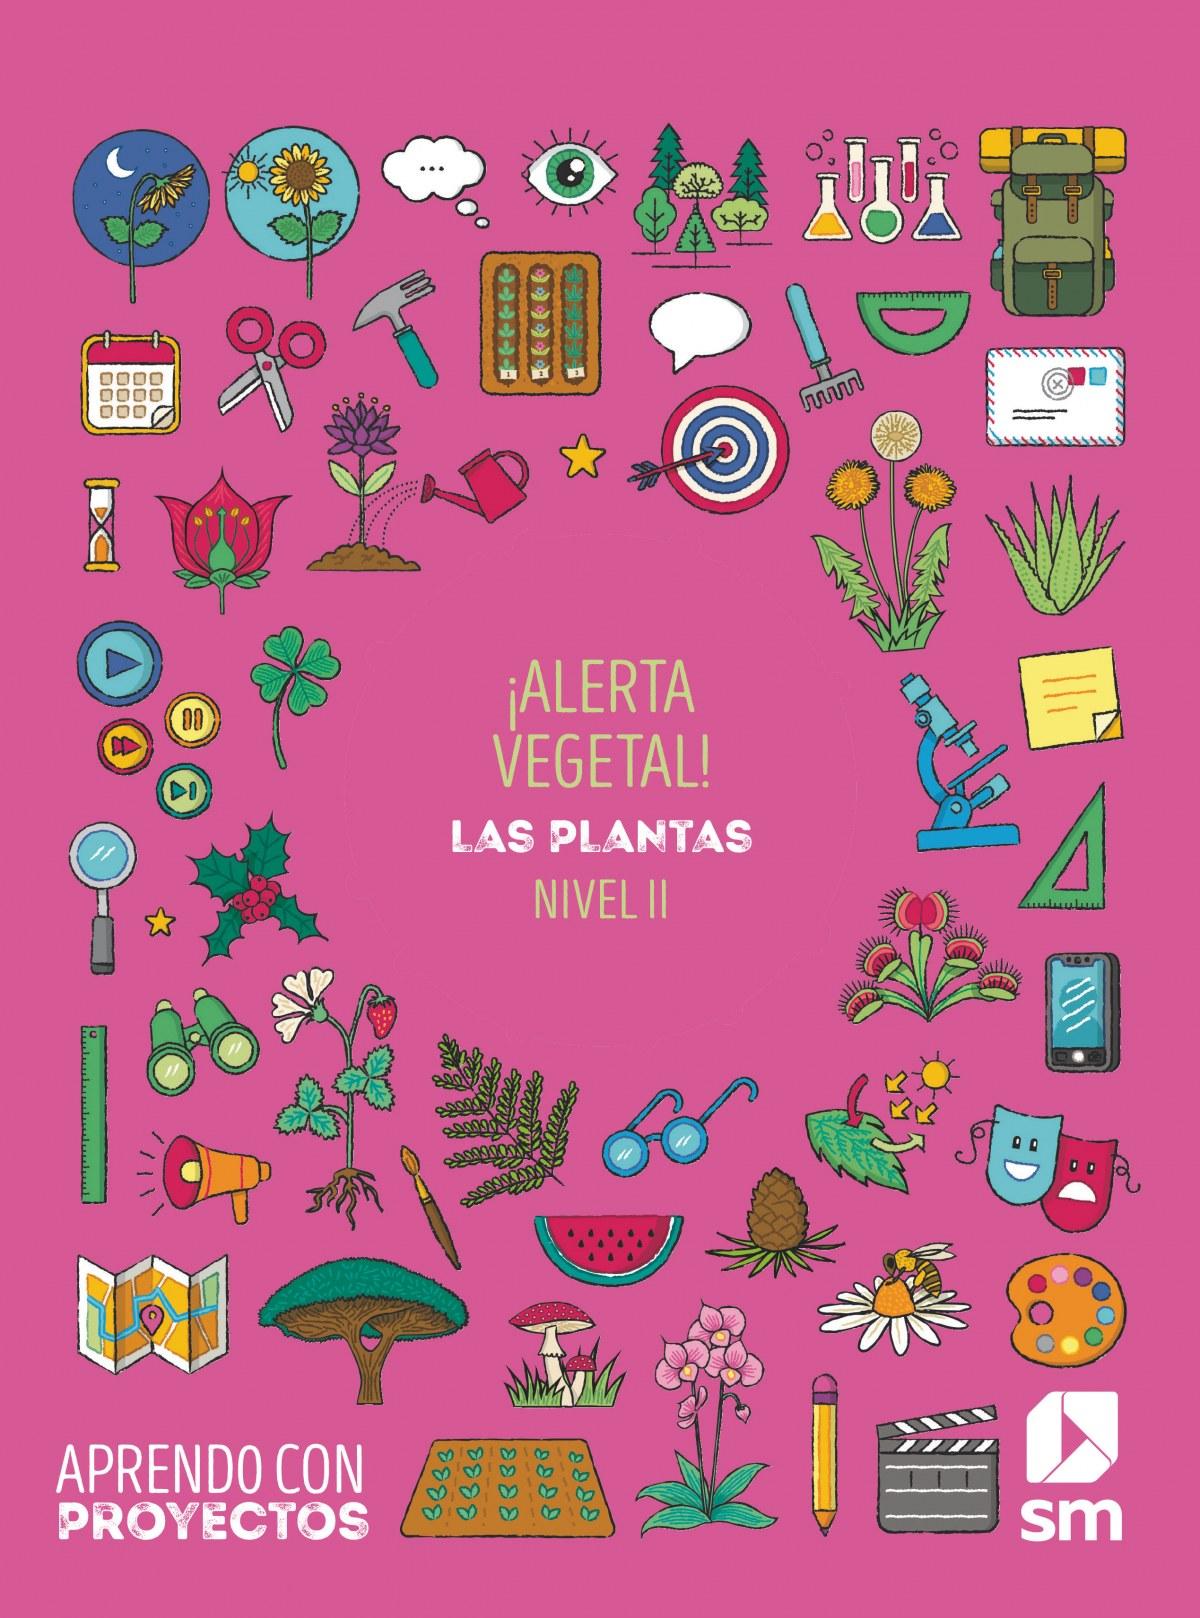 ¡Alerta vegetal!. Las plantas (Nivel II). Aprendo con proyectos